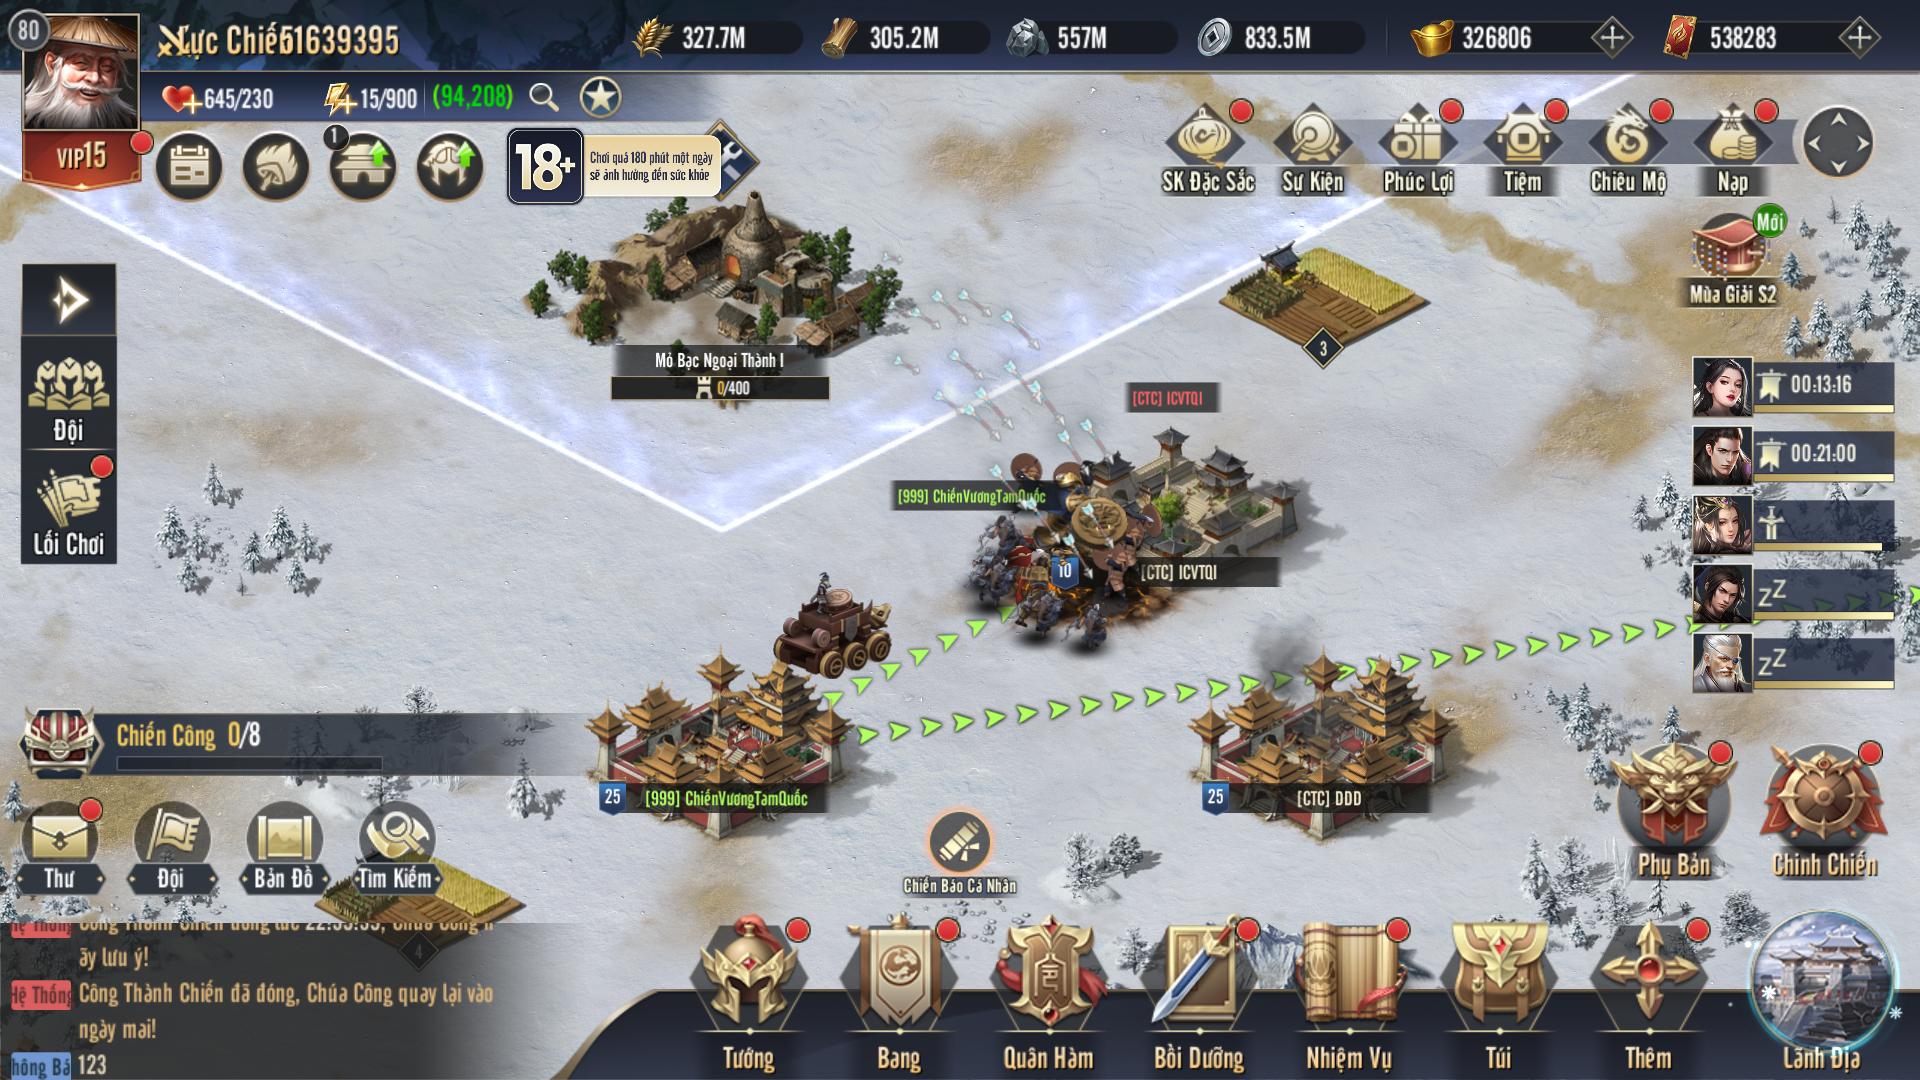 Chiến Vương Tam Quốc Mobile